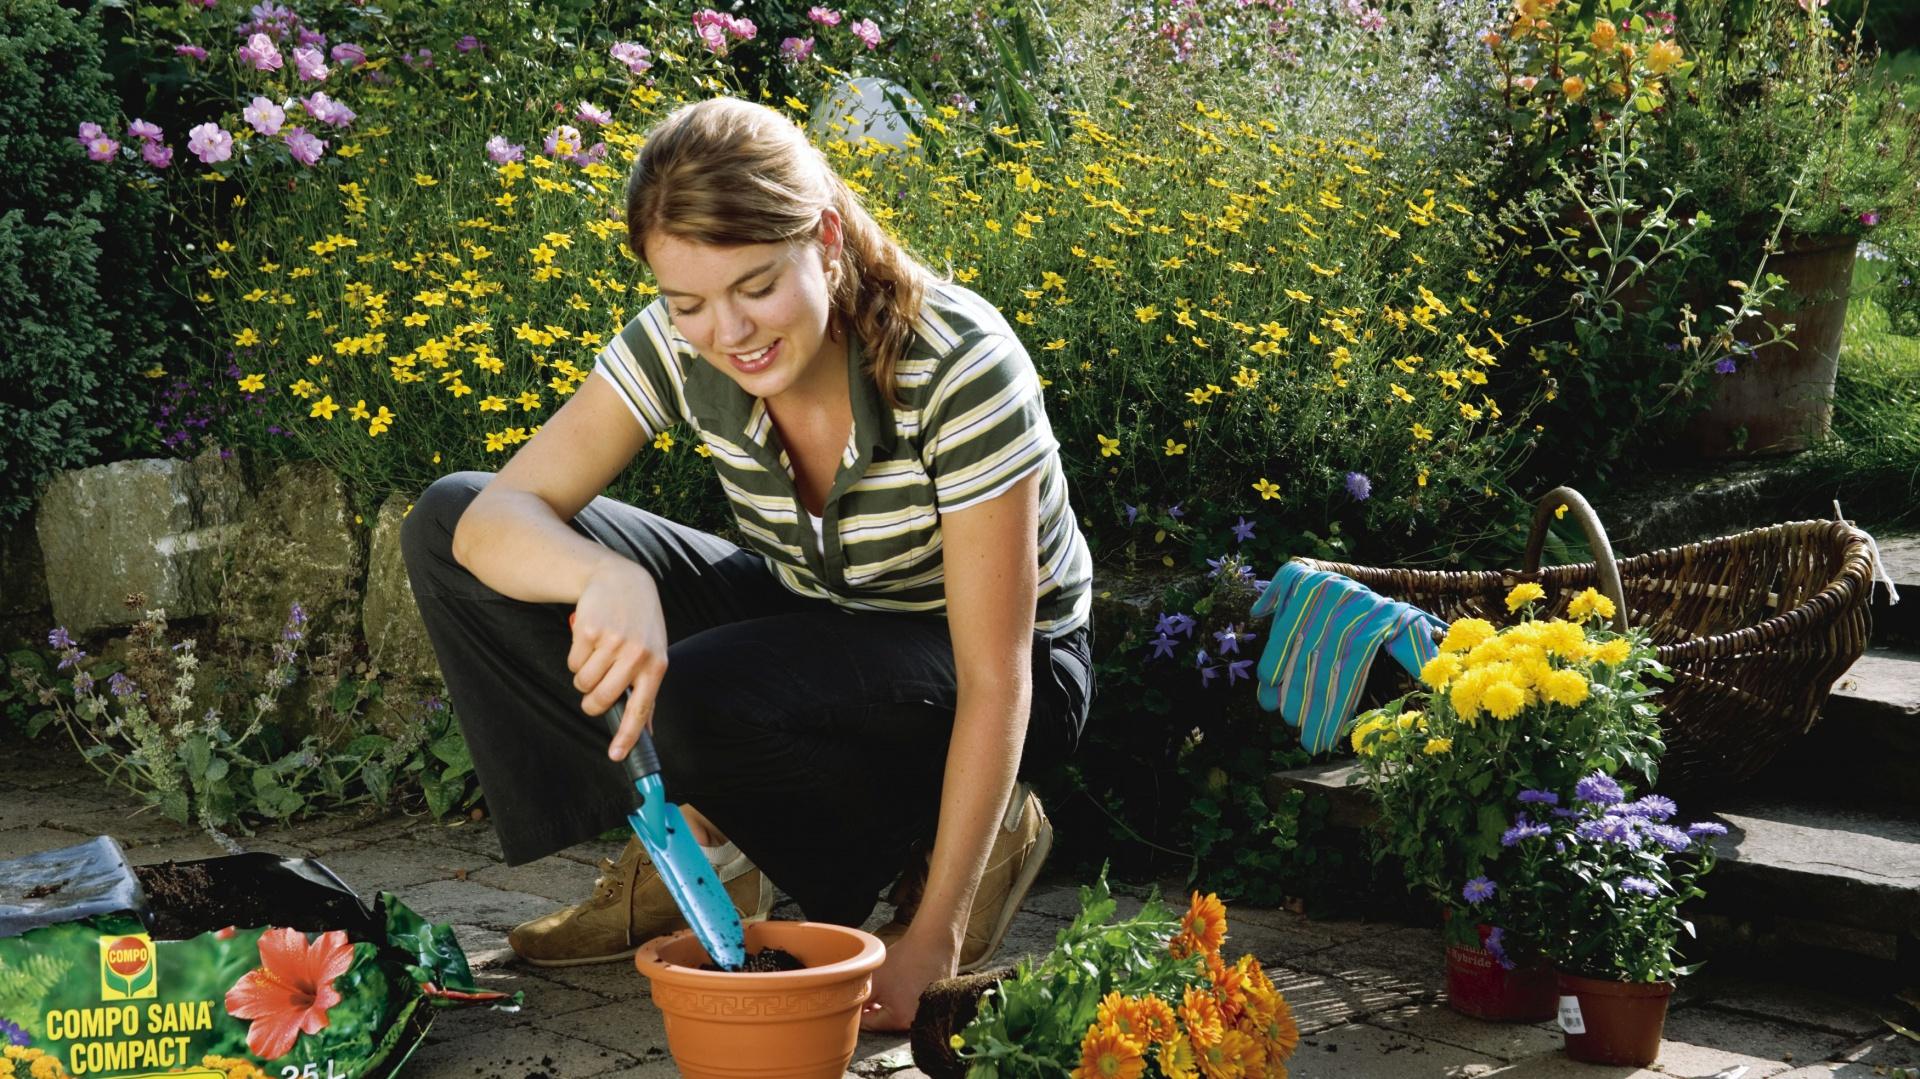 Najlepszą porą na sadzenie kwiatów jest wiosna. Termin sadzenia ma mniejsze znaczenie w przypadku roślin zakupionych w pojemnikach - można je wysadzać przez większą część okresu wegetacyjnego. Fot. Gardena.